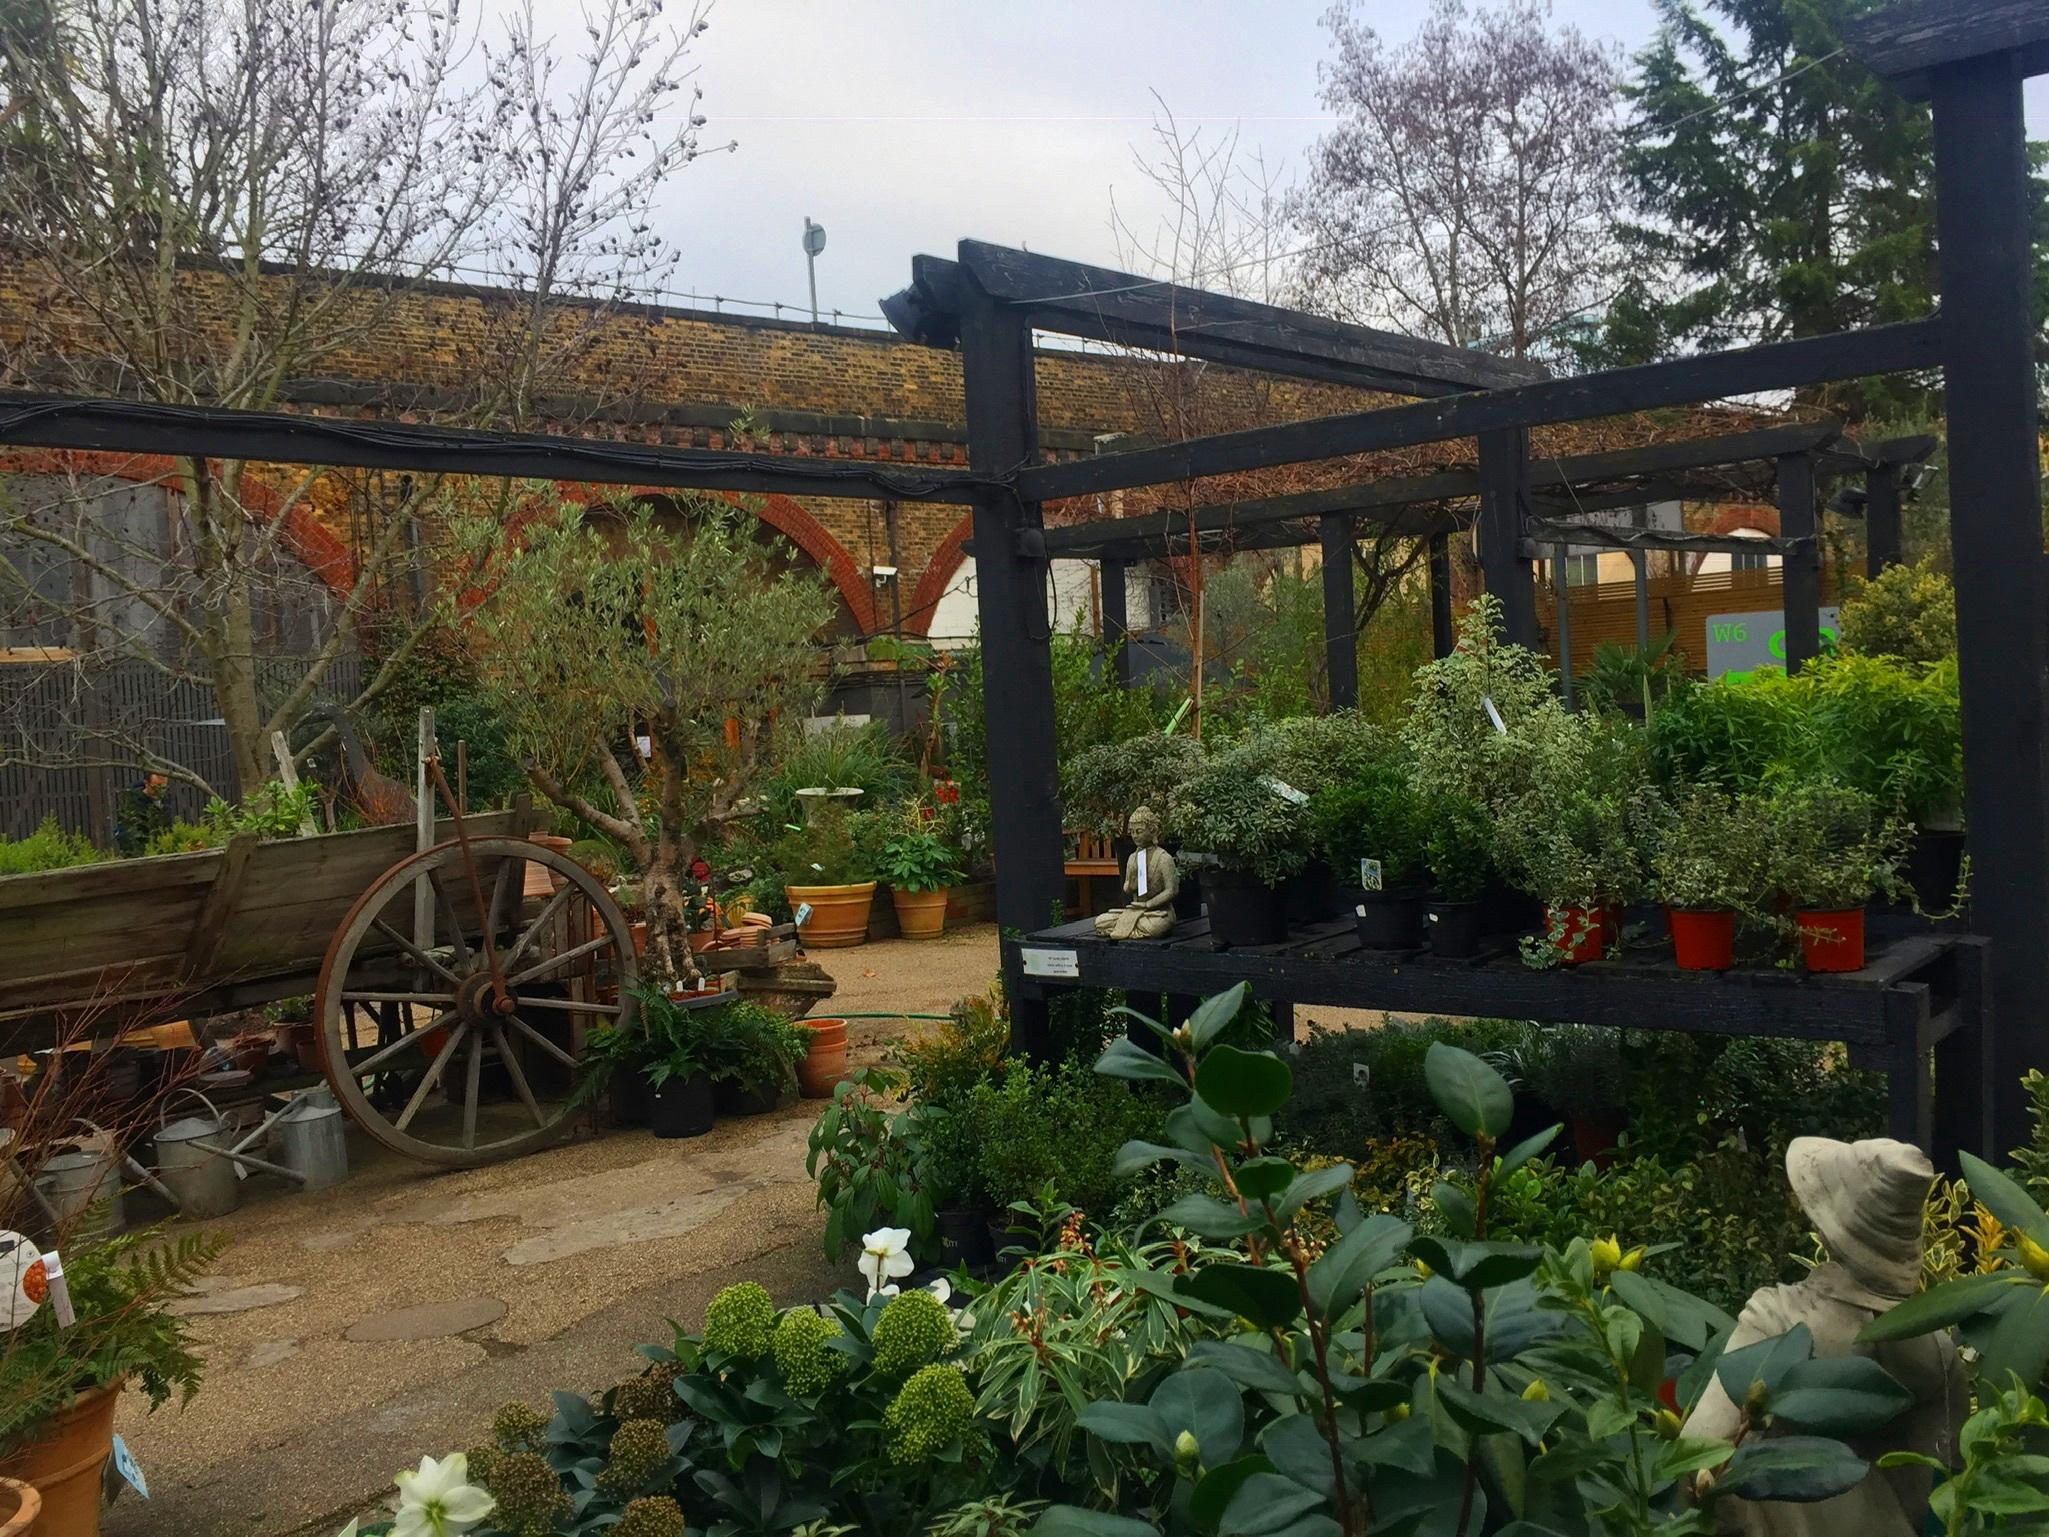 Garden Centre plants spring